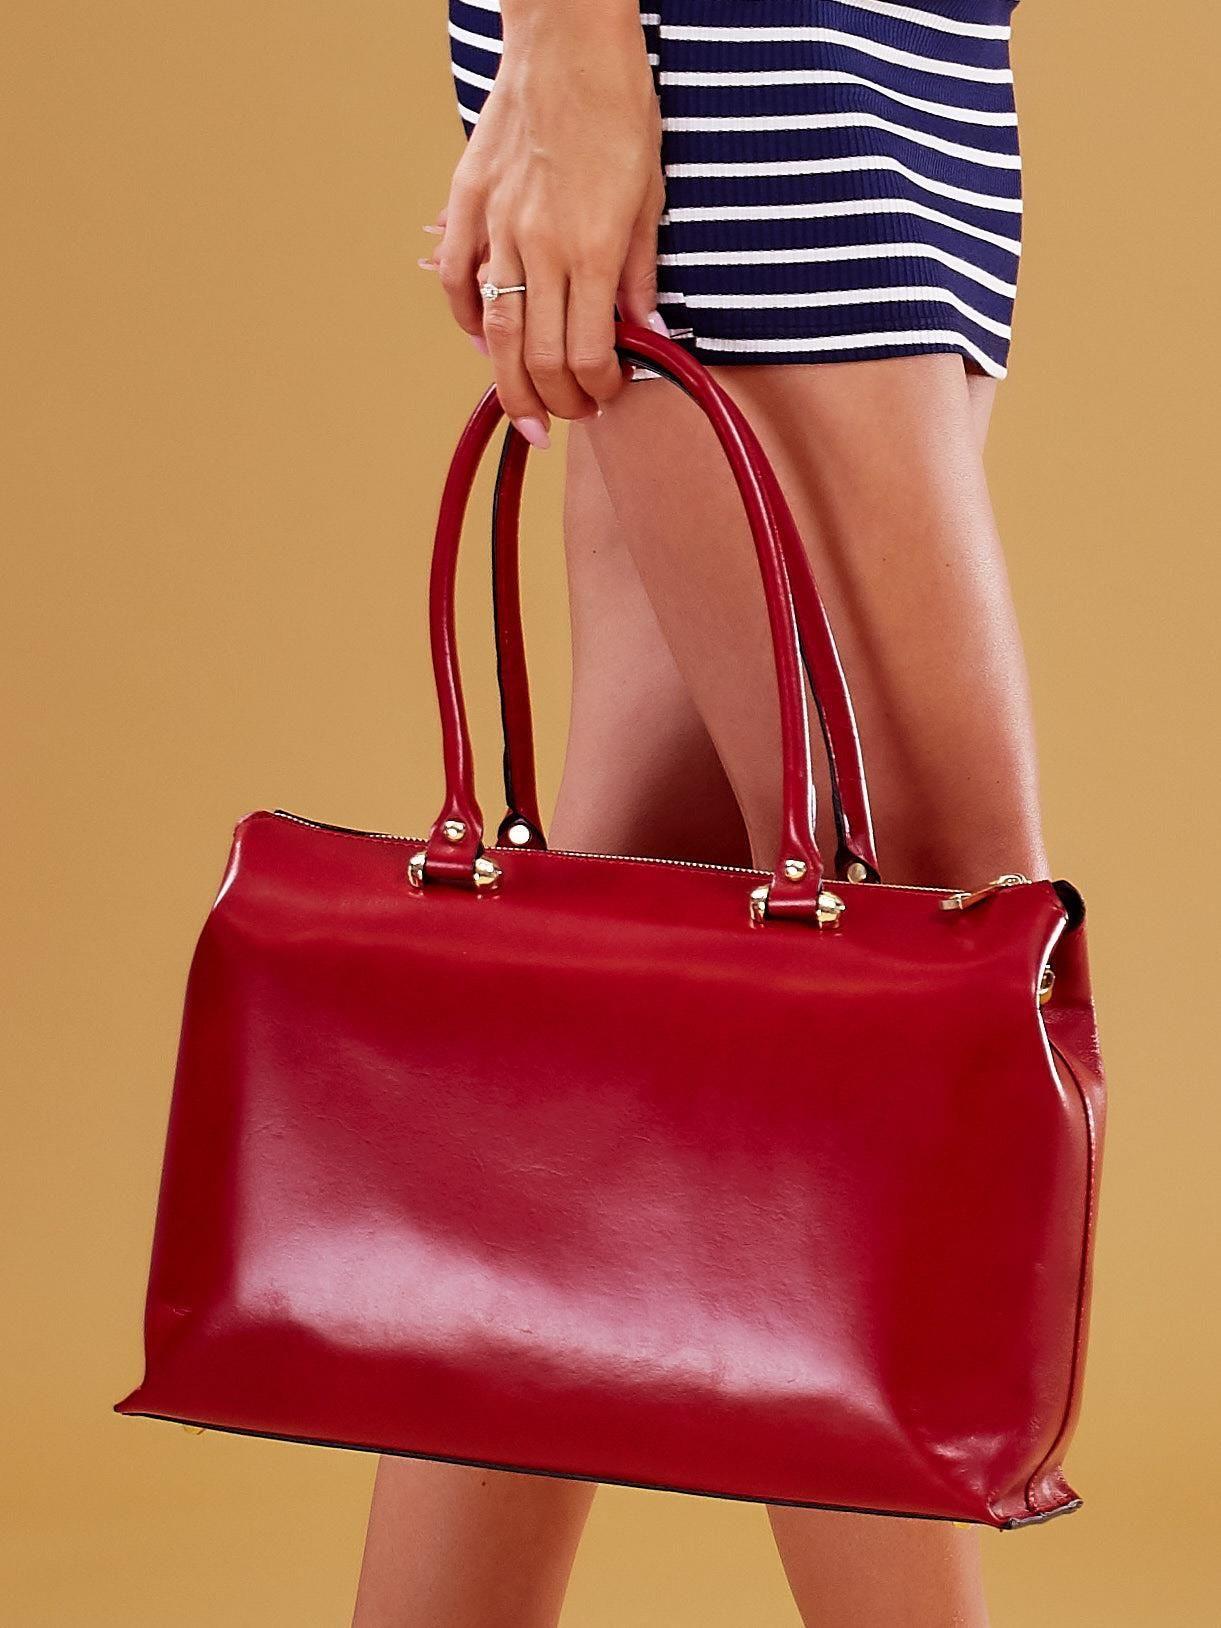 e28a486f21bb4 Czerwona skórzana torba damska kuferek - Akcesoria torba - sklep ...